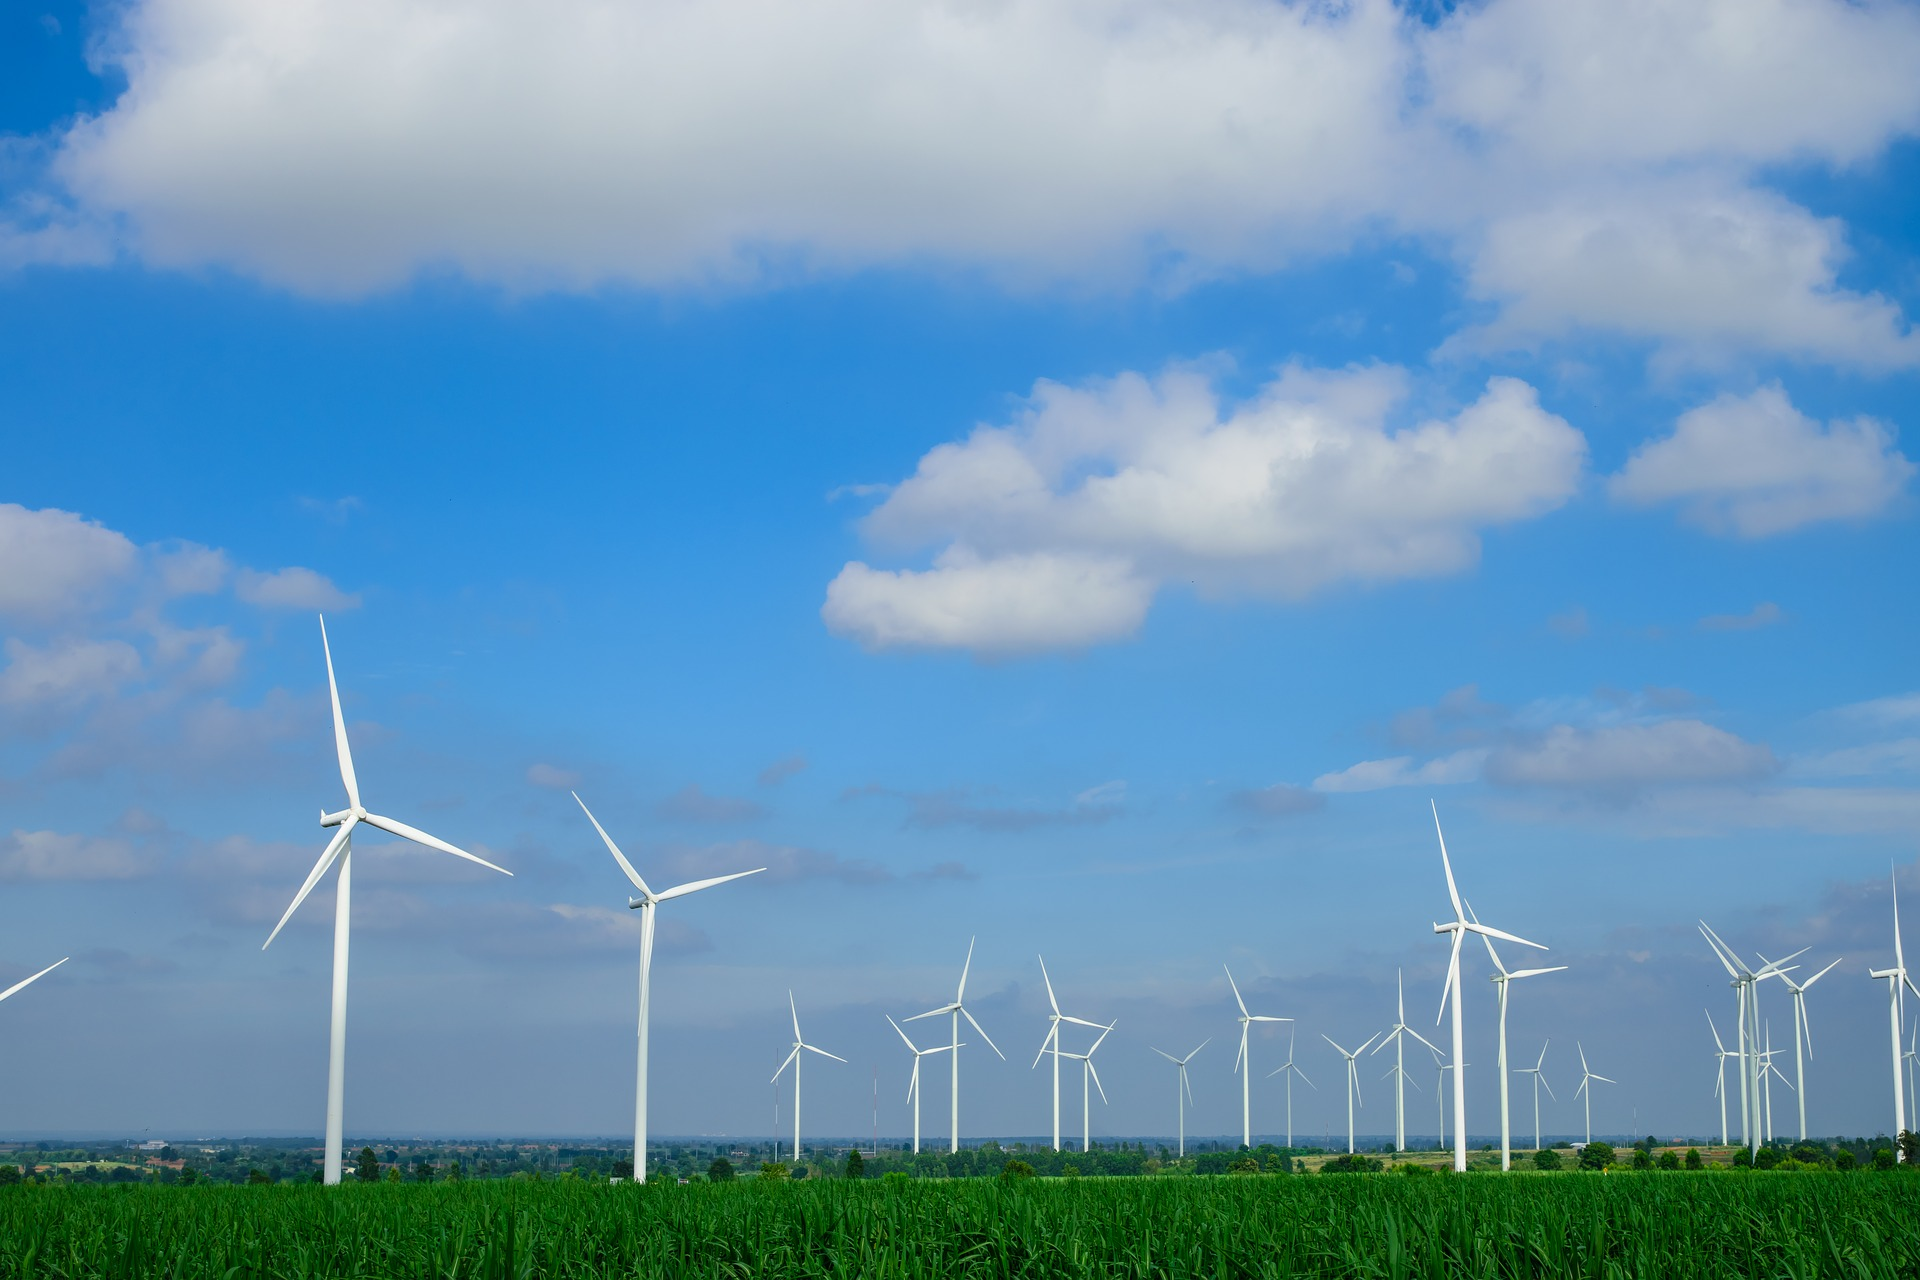 ВЕС на 41 МВт з'явилася на Херсонщині